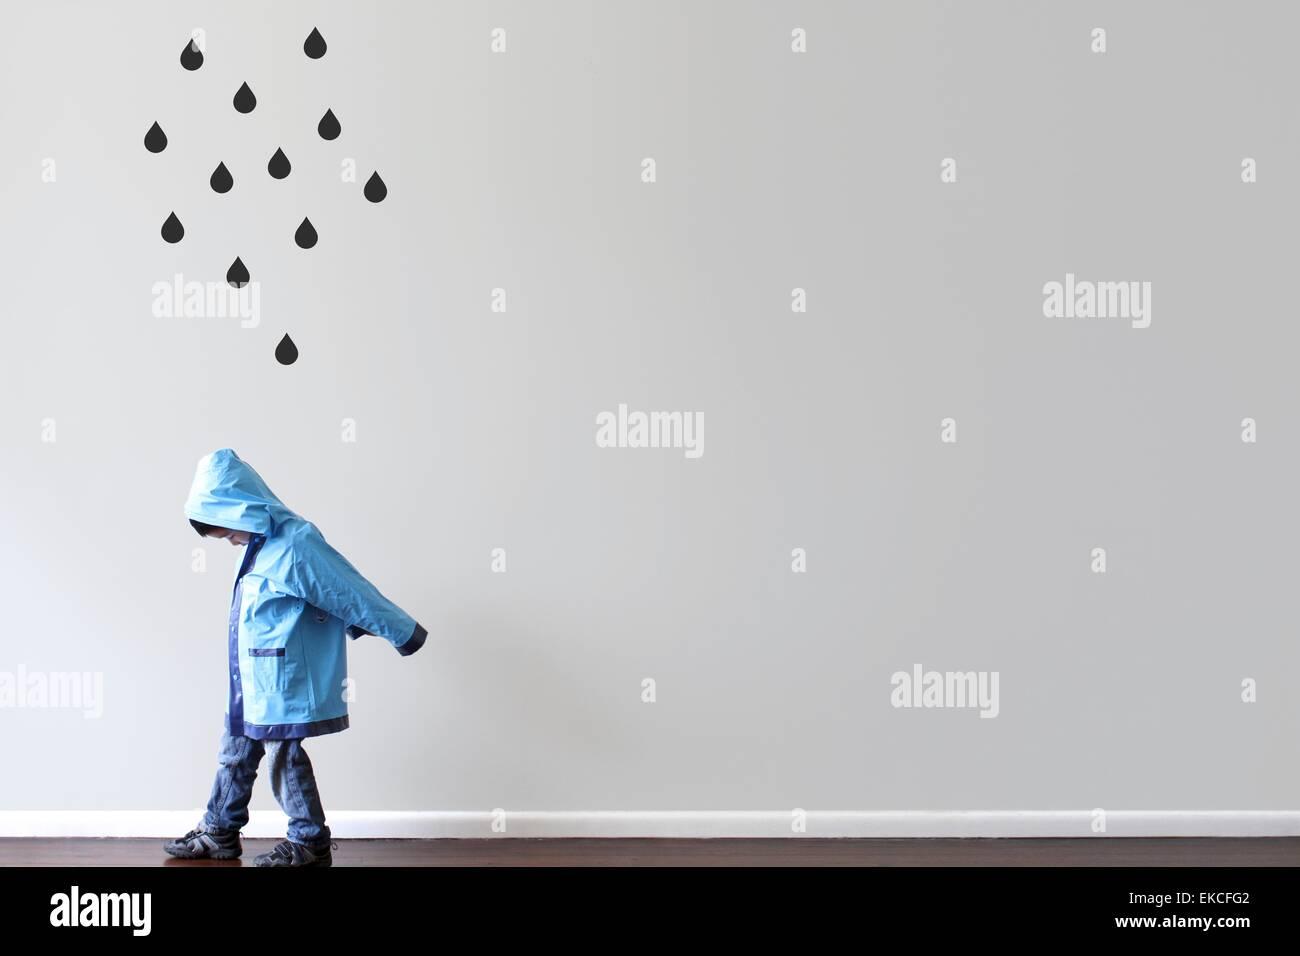 Garçon dans l'imperméable en passant devant un mur avec des gouttes de noir peint sur le mur Photo Stock